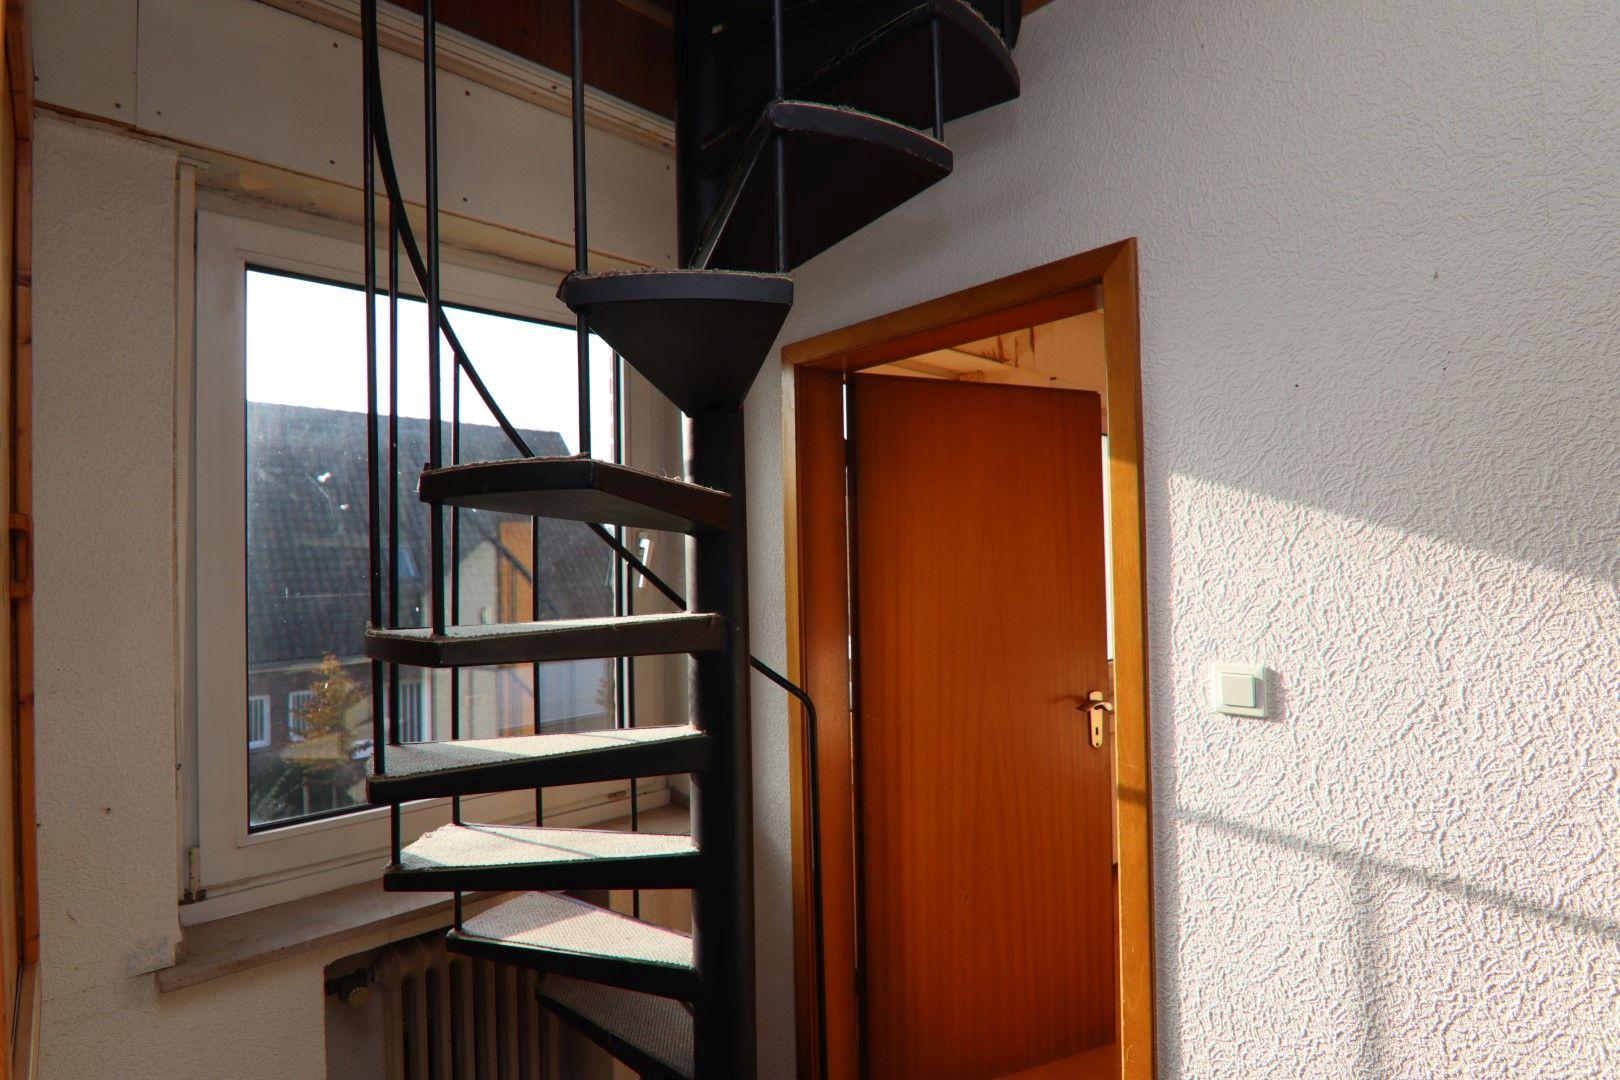 Immobilie Nr.0279 - Freistehendes EFH mit Anbau, Keller und Garage - Bild 7.jpg